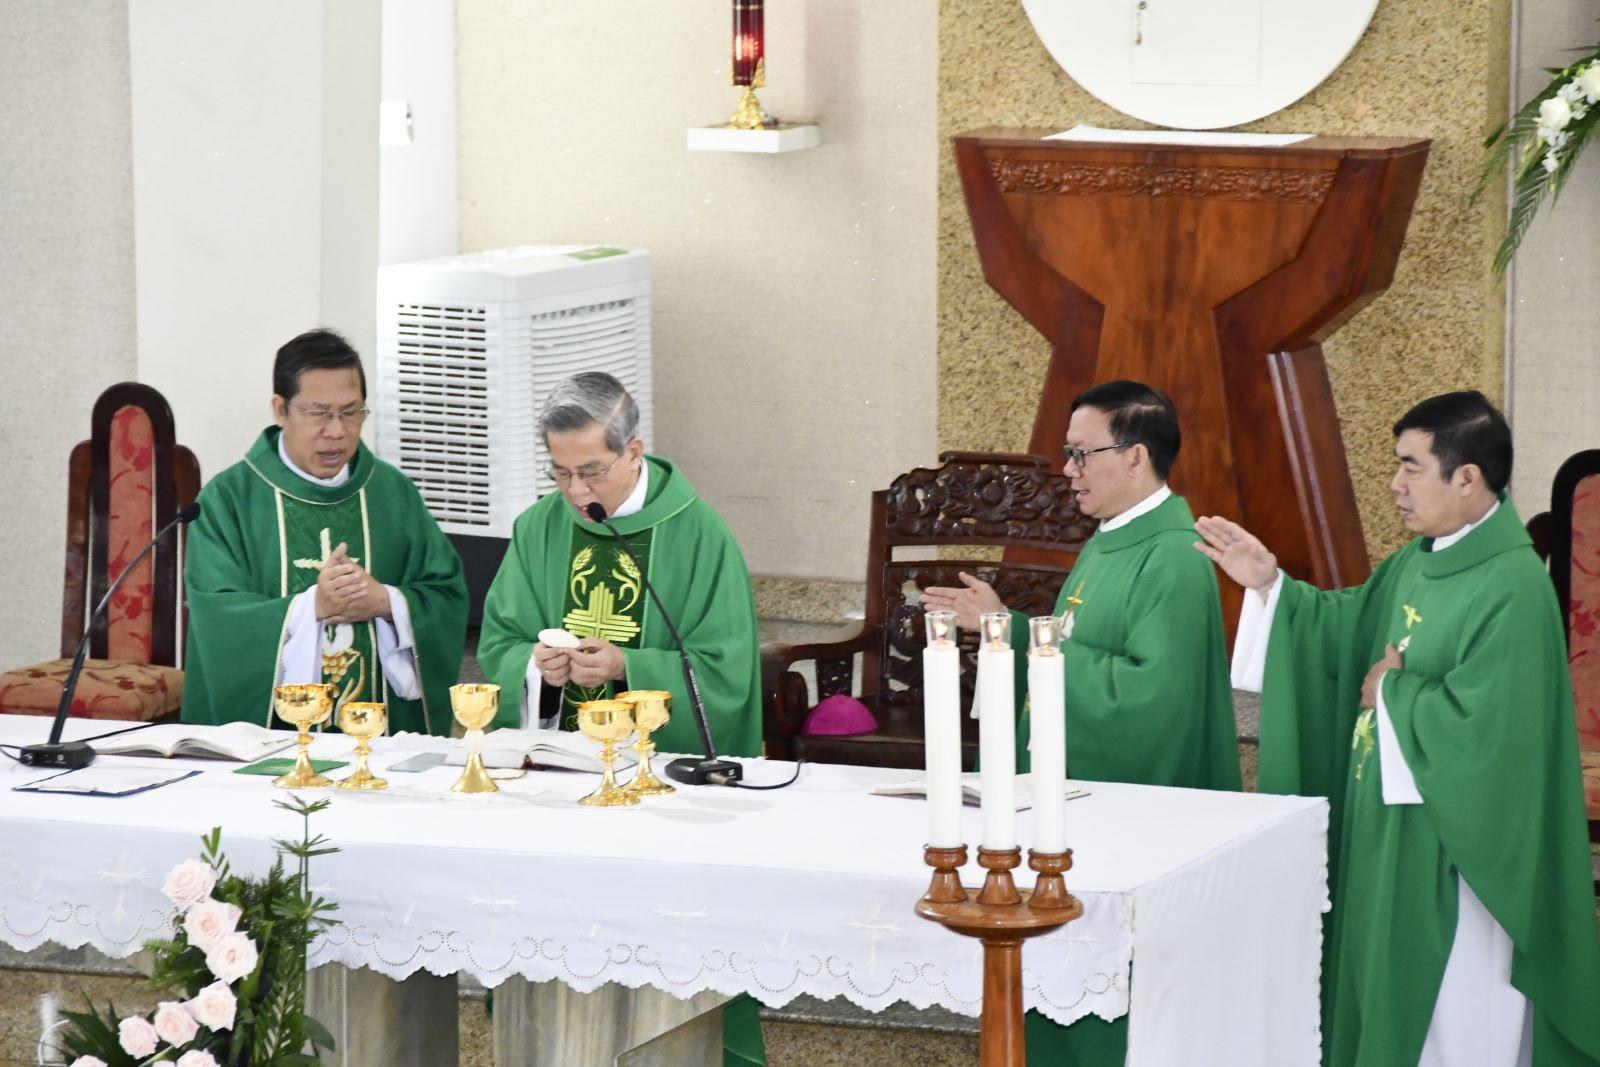 Đức Tổng Giám Mục Sài Gòn cử hành Thánh Lễ Tạ Ơn Mừng 63 Năm Thành lập Hội Dòng